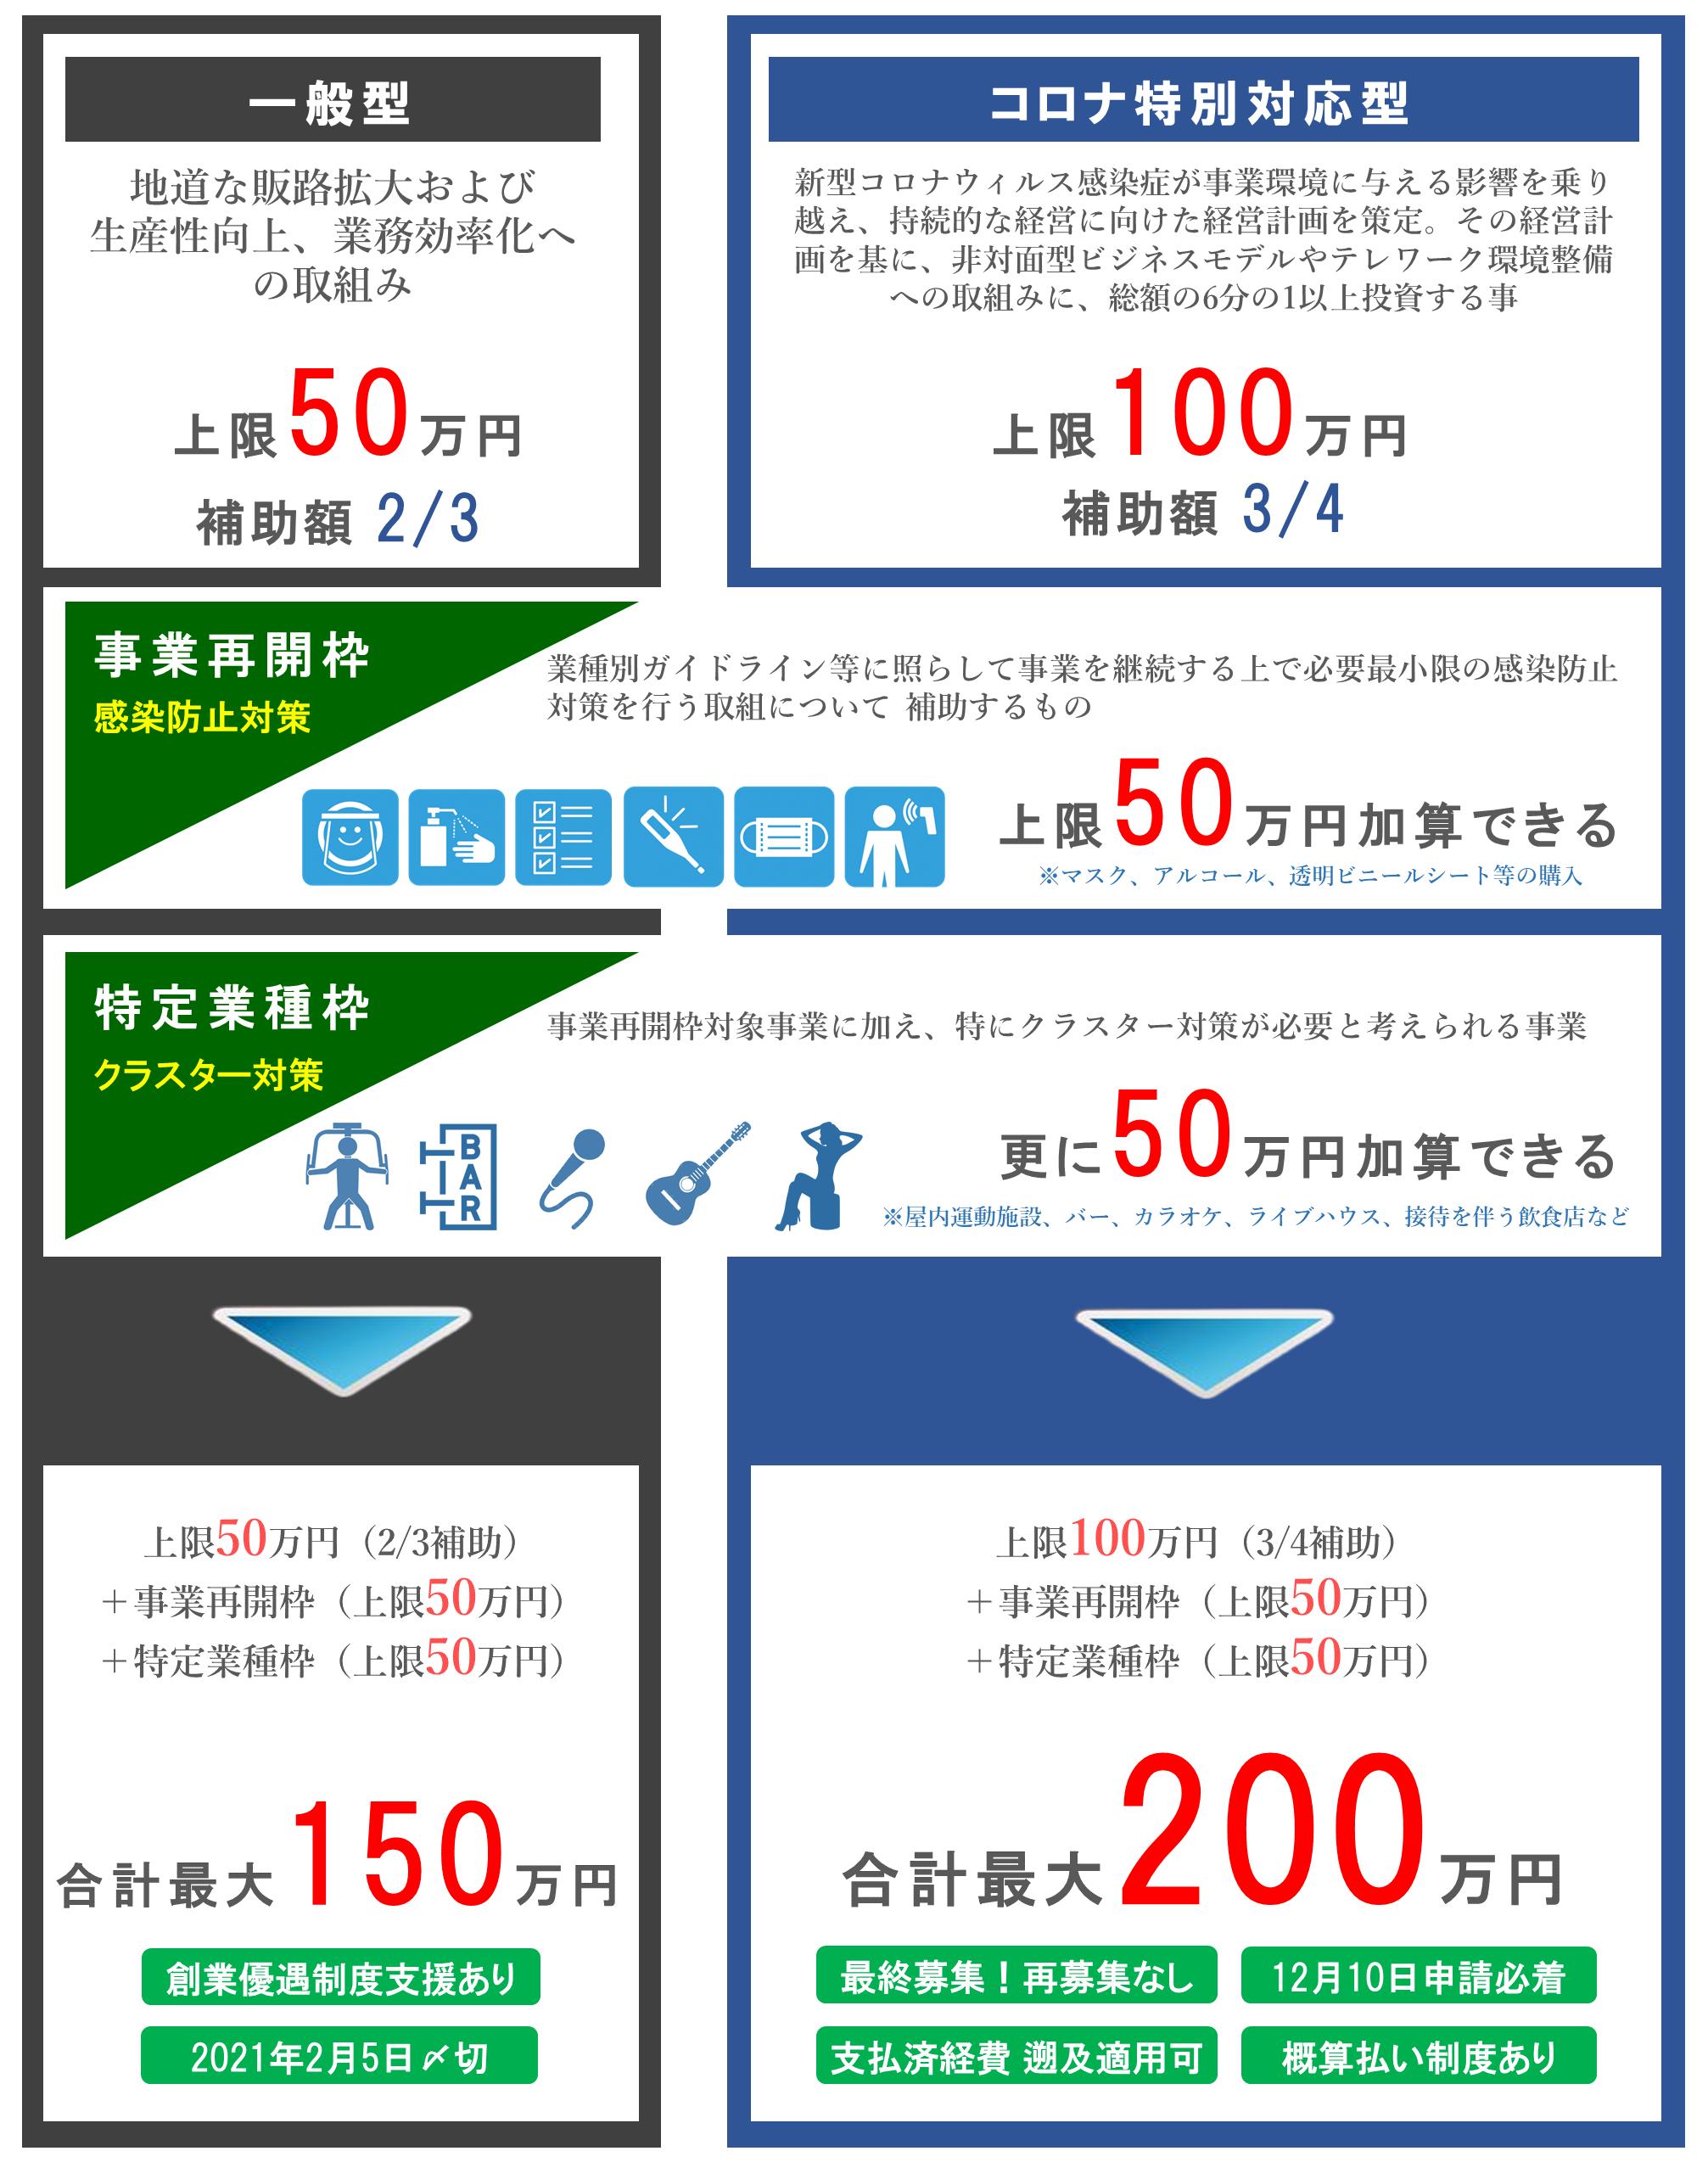 小規模事業者持続化補助金制度 概略図